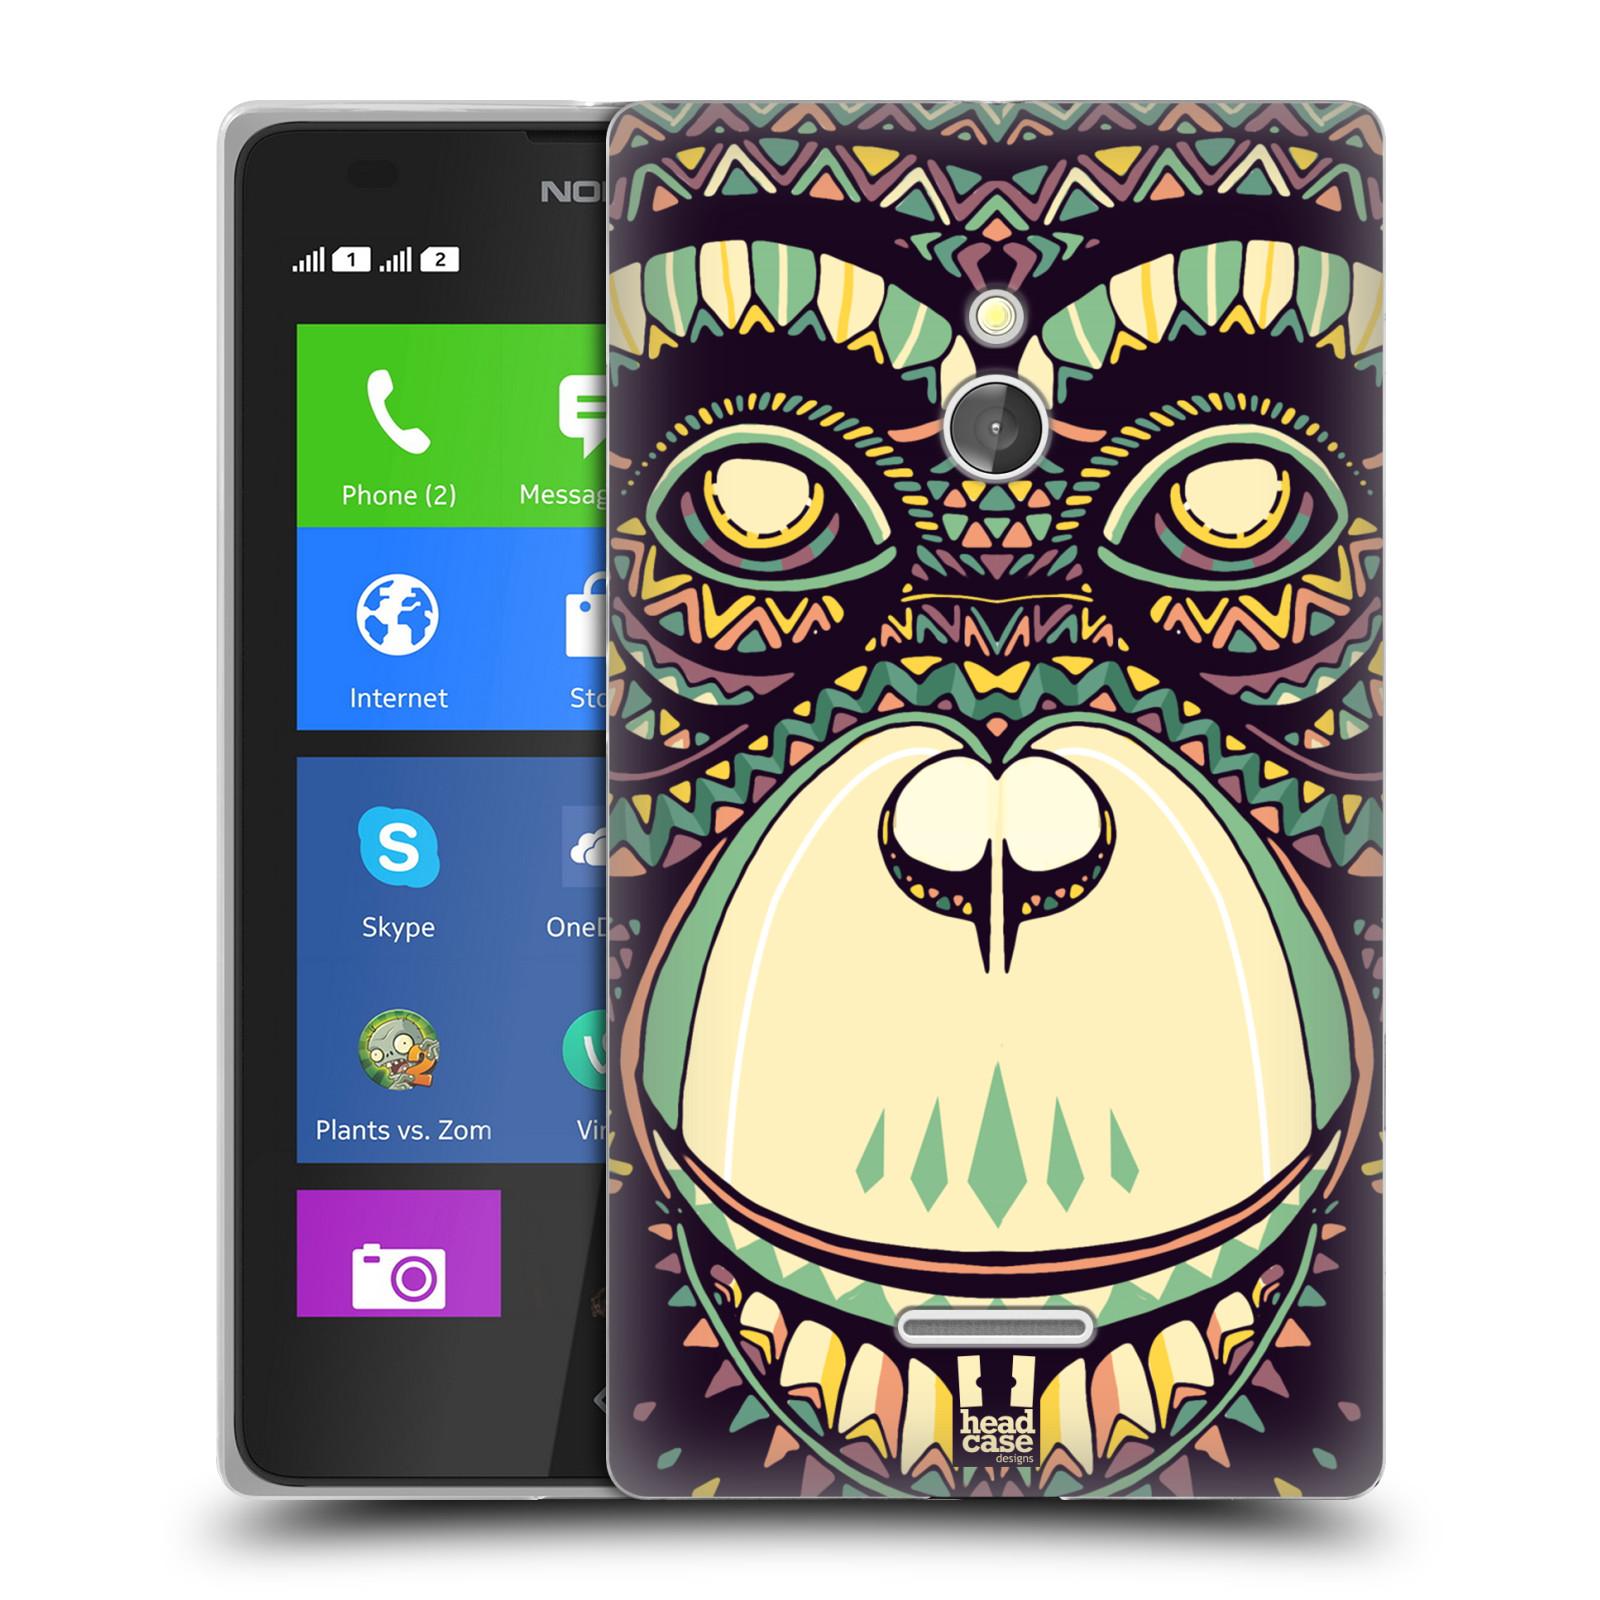 HEAD CASE silikonový obal na mobil NOKIA XL / NOKIA XL DUAL SIM vzor Aztécký motiv zvíře 3 šimpanz